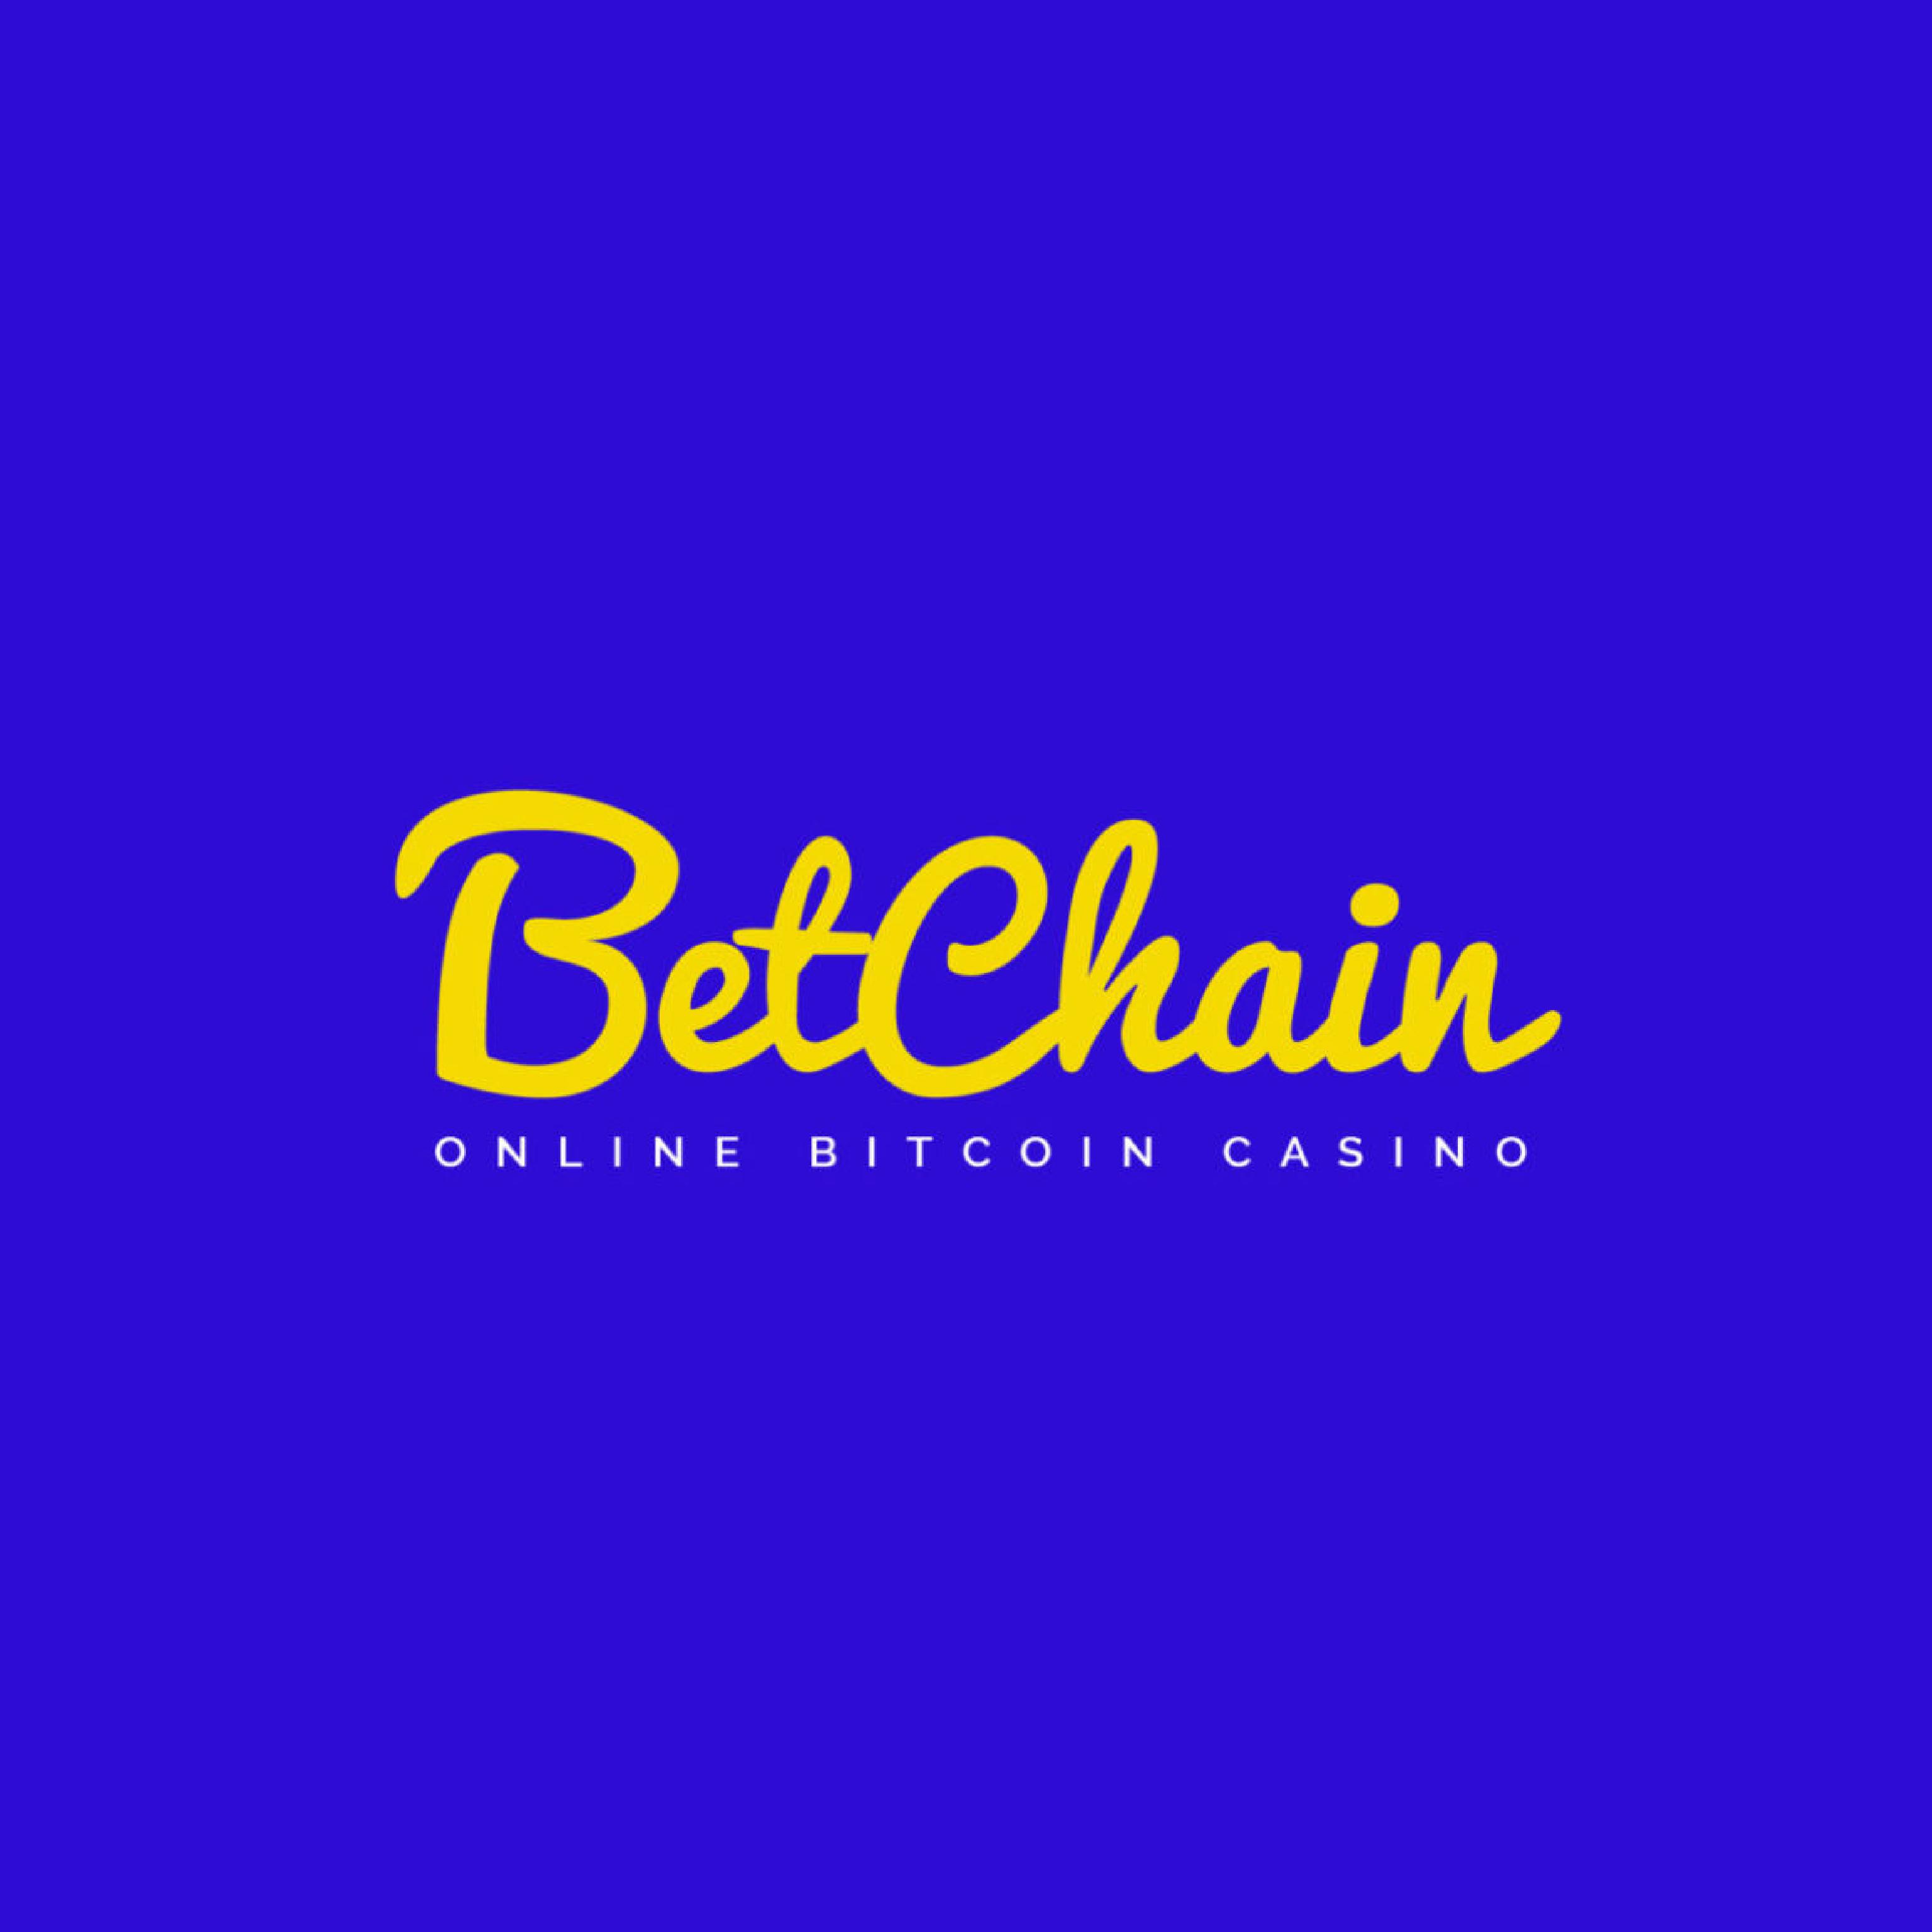 ฟรีสล็อต bitcoin และเกมคาสิโน bitcoin